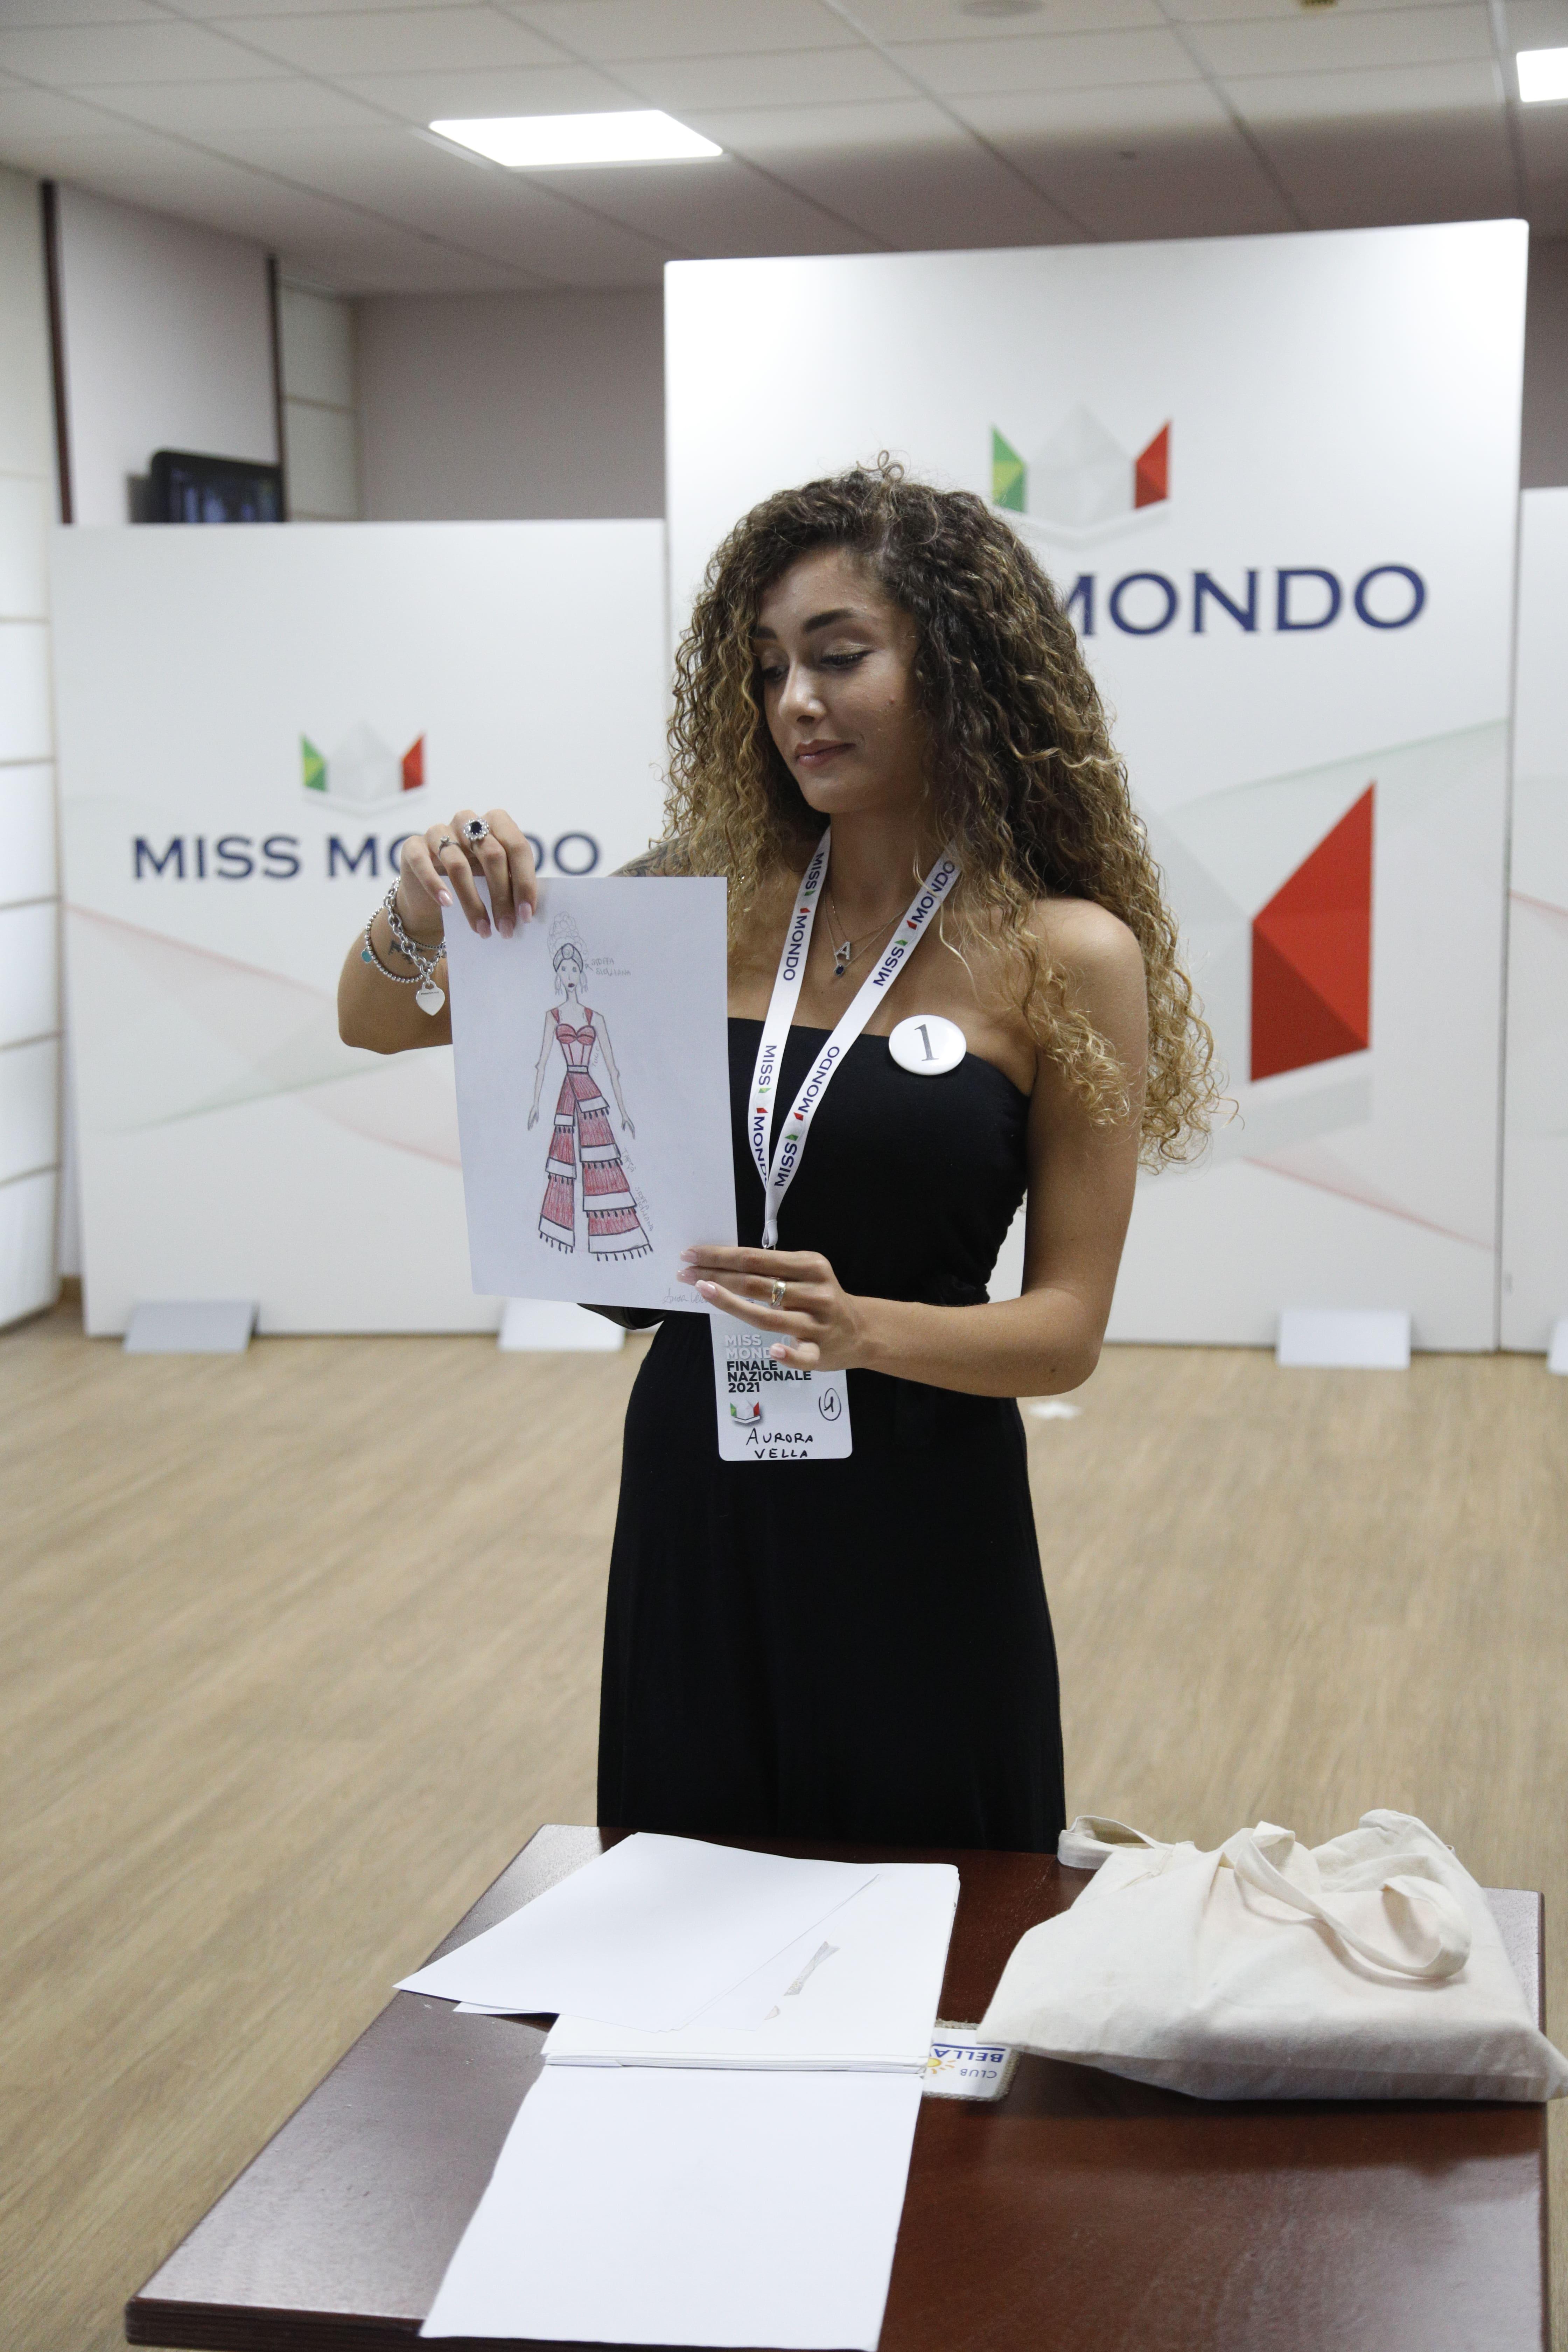 Finale nazione Miss Mondo Italia 2021 Audizione Talent 1 - 9